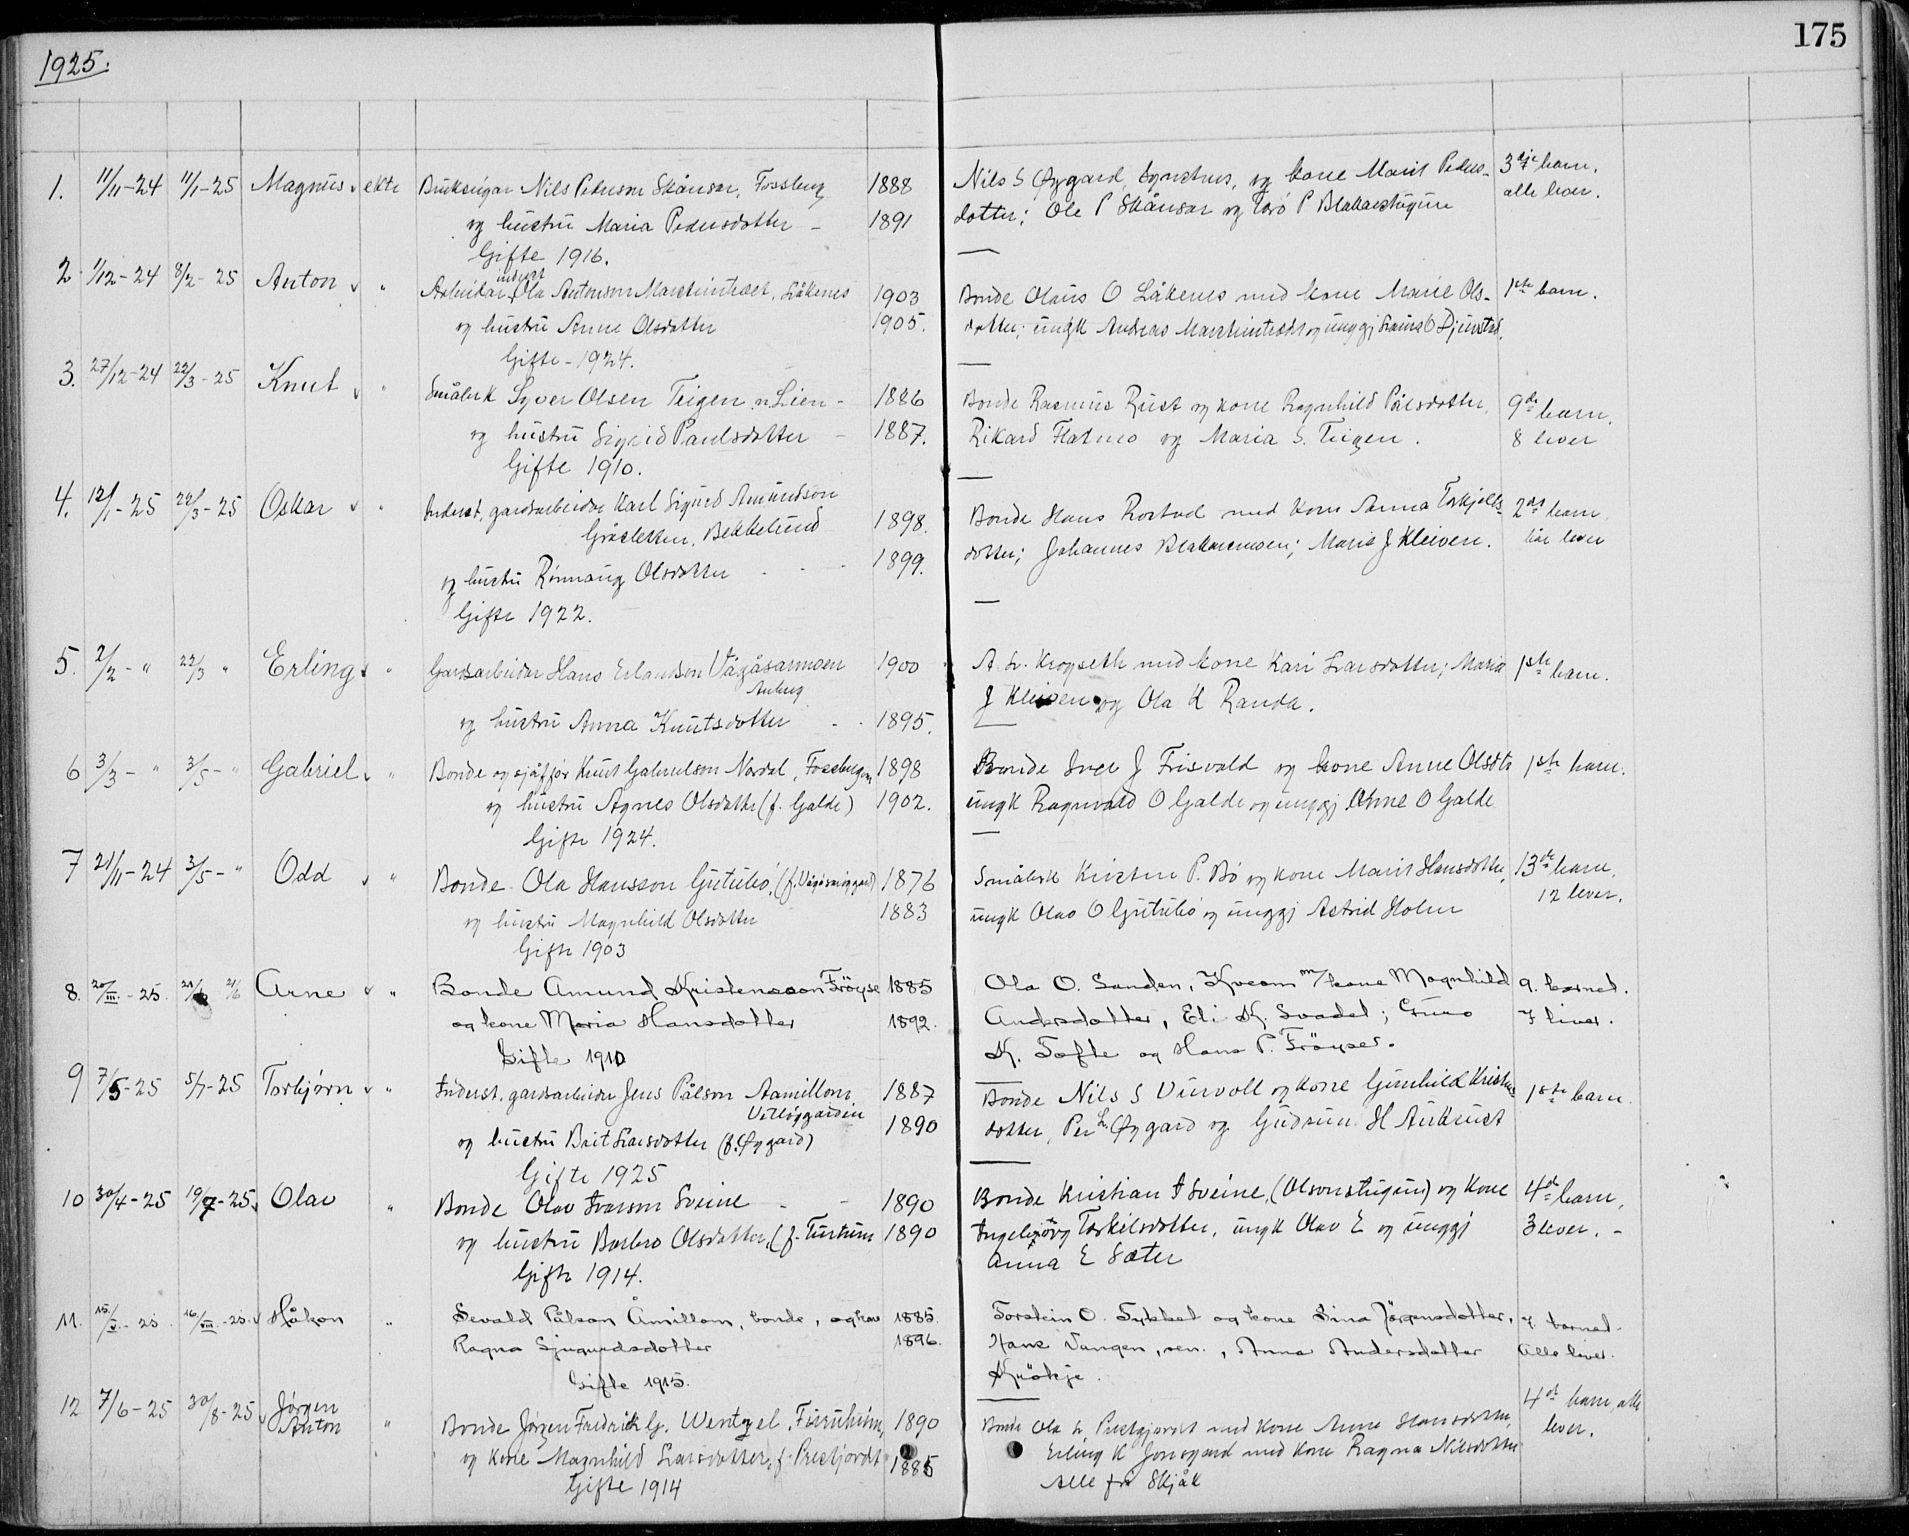 SAH, Lom prestekontor, L/L0013: Klokkerbok nr. 13, 1874-1938, s. 175